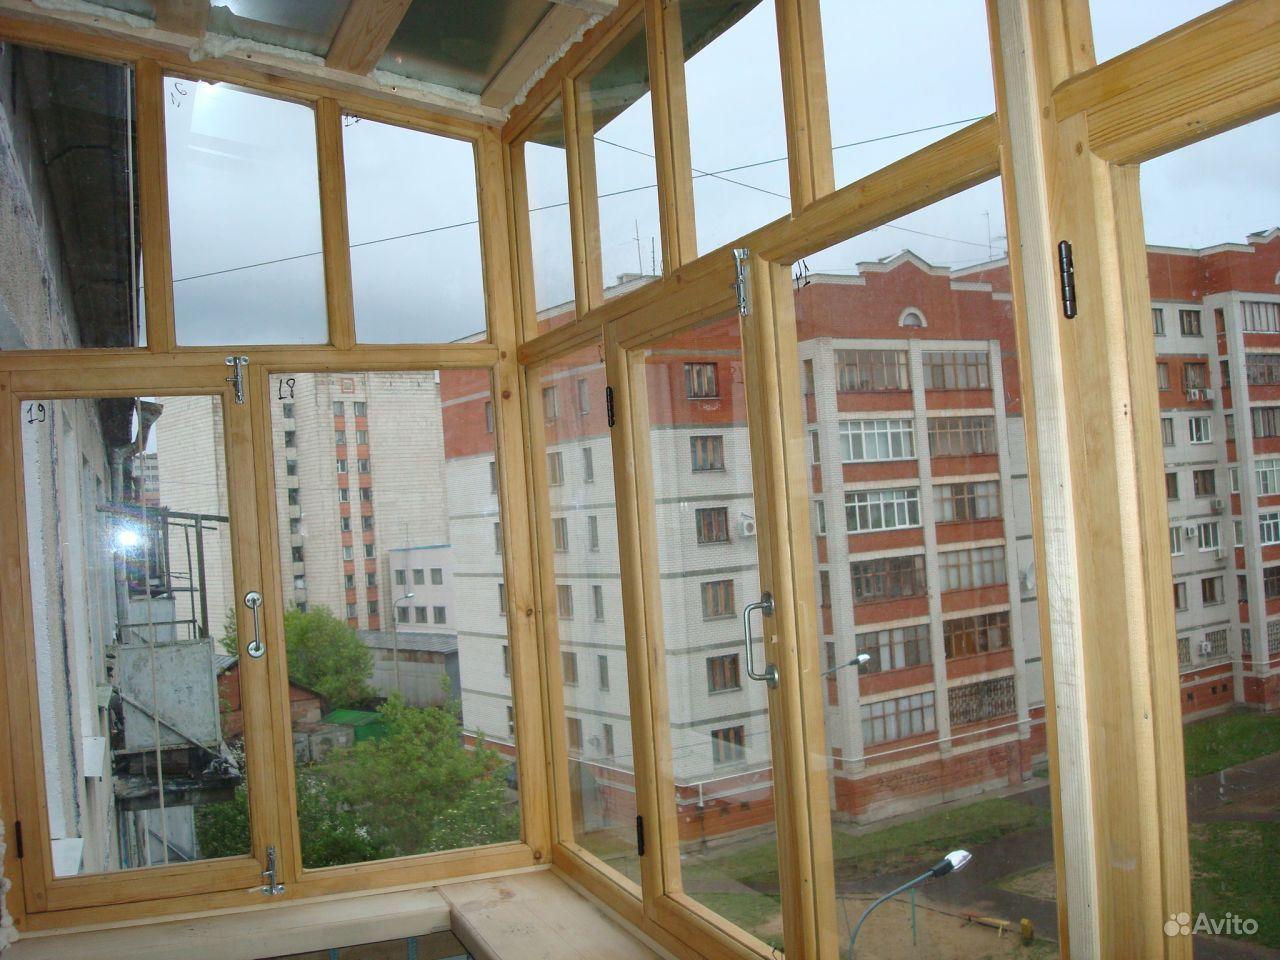 Остекление балконов и лоджий - мир уюта.